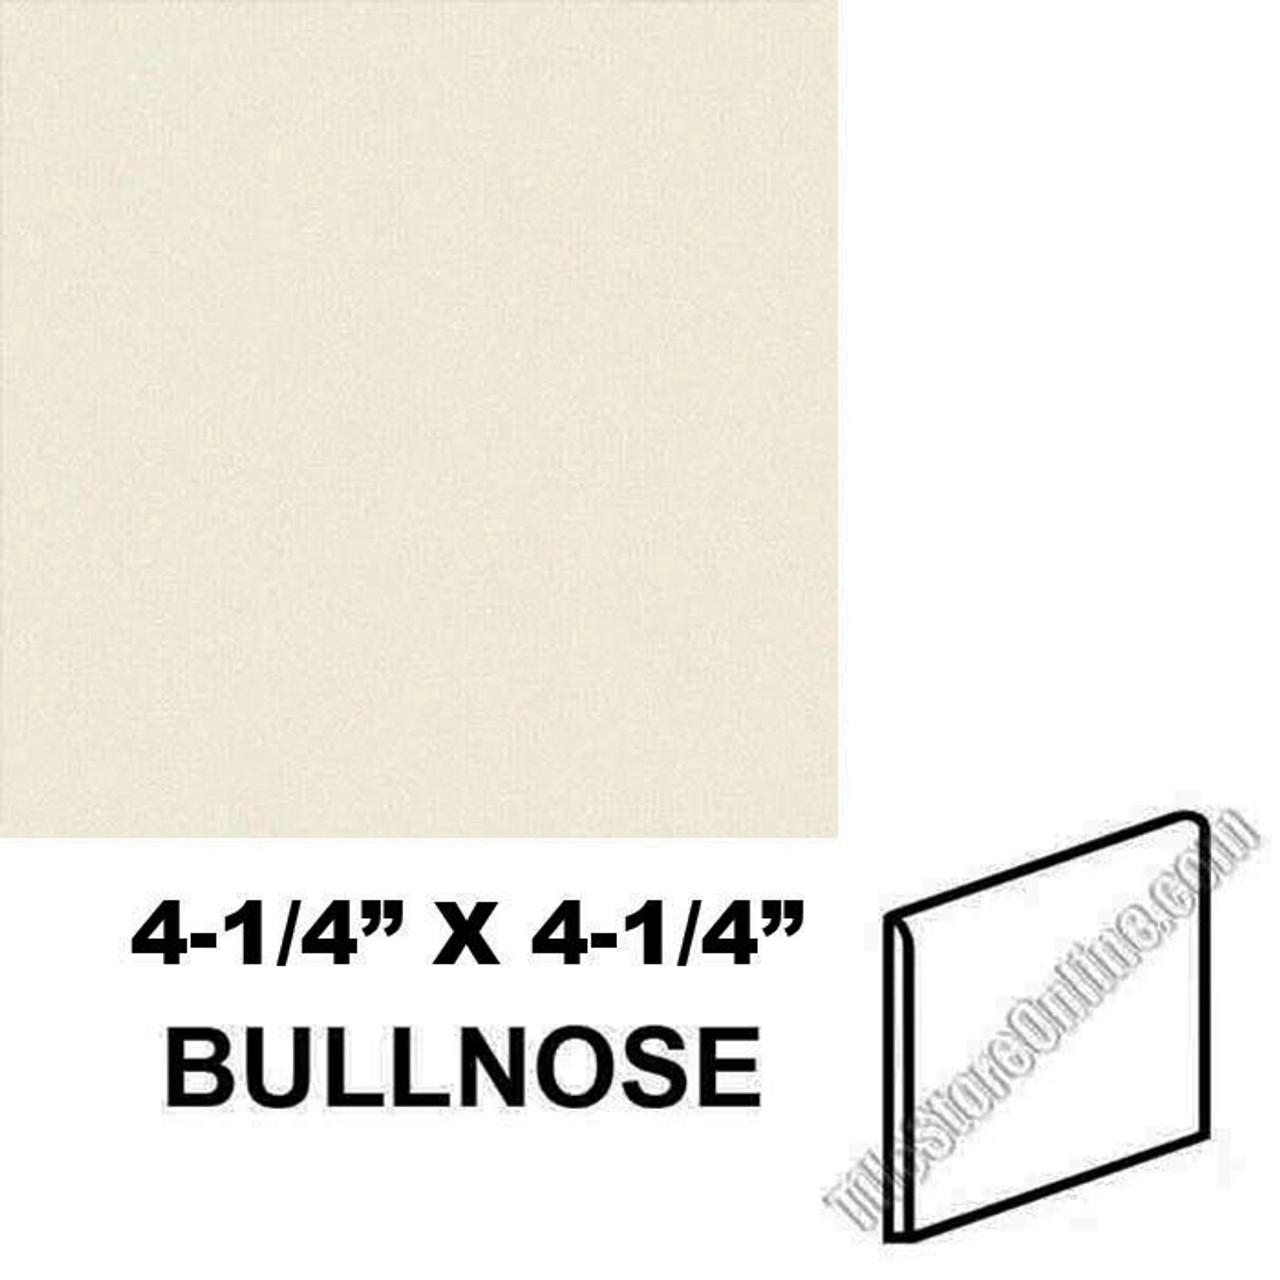 Daltile 0135 Almond 4 25 X 4 25 Bullnose S4449 Dal Tile Ceramic Trim Tile